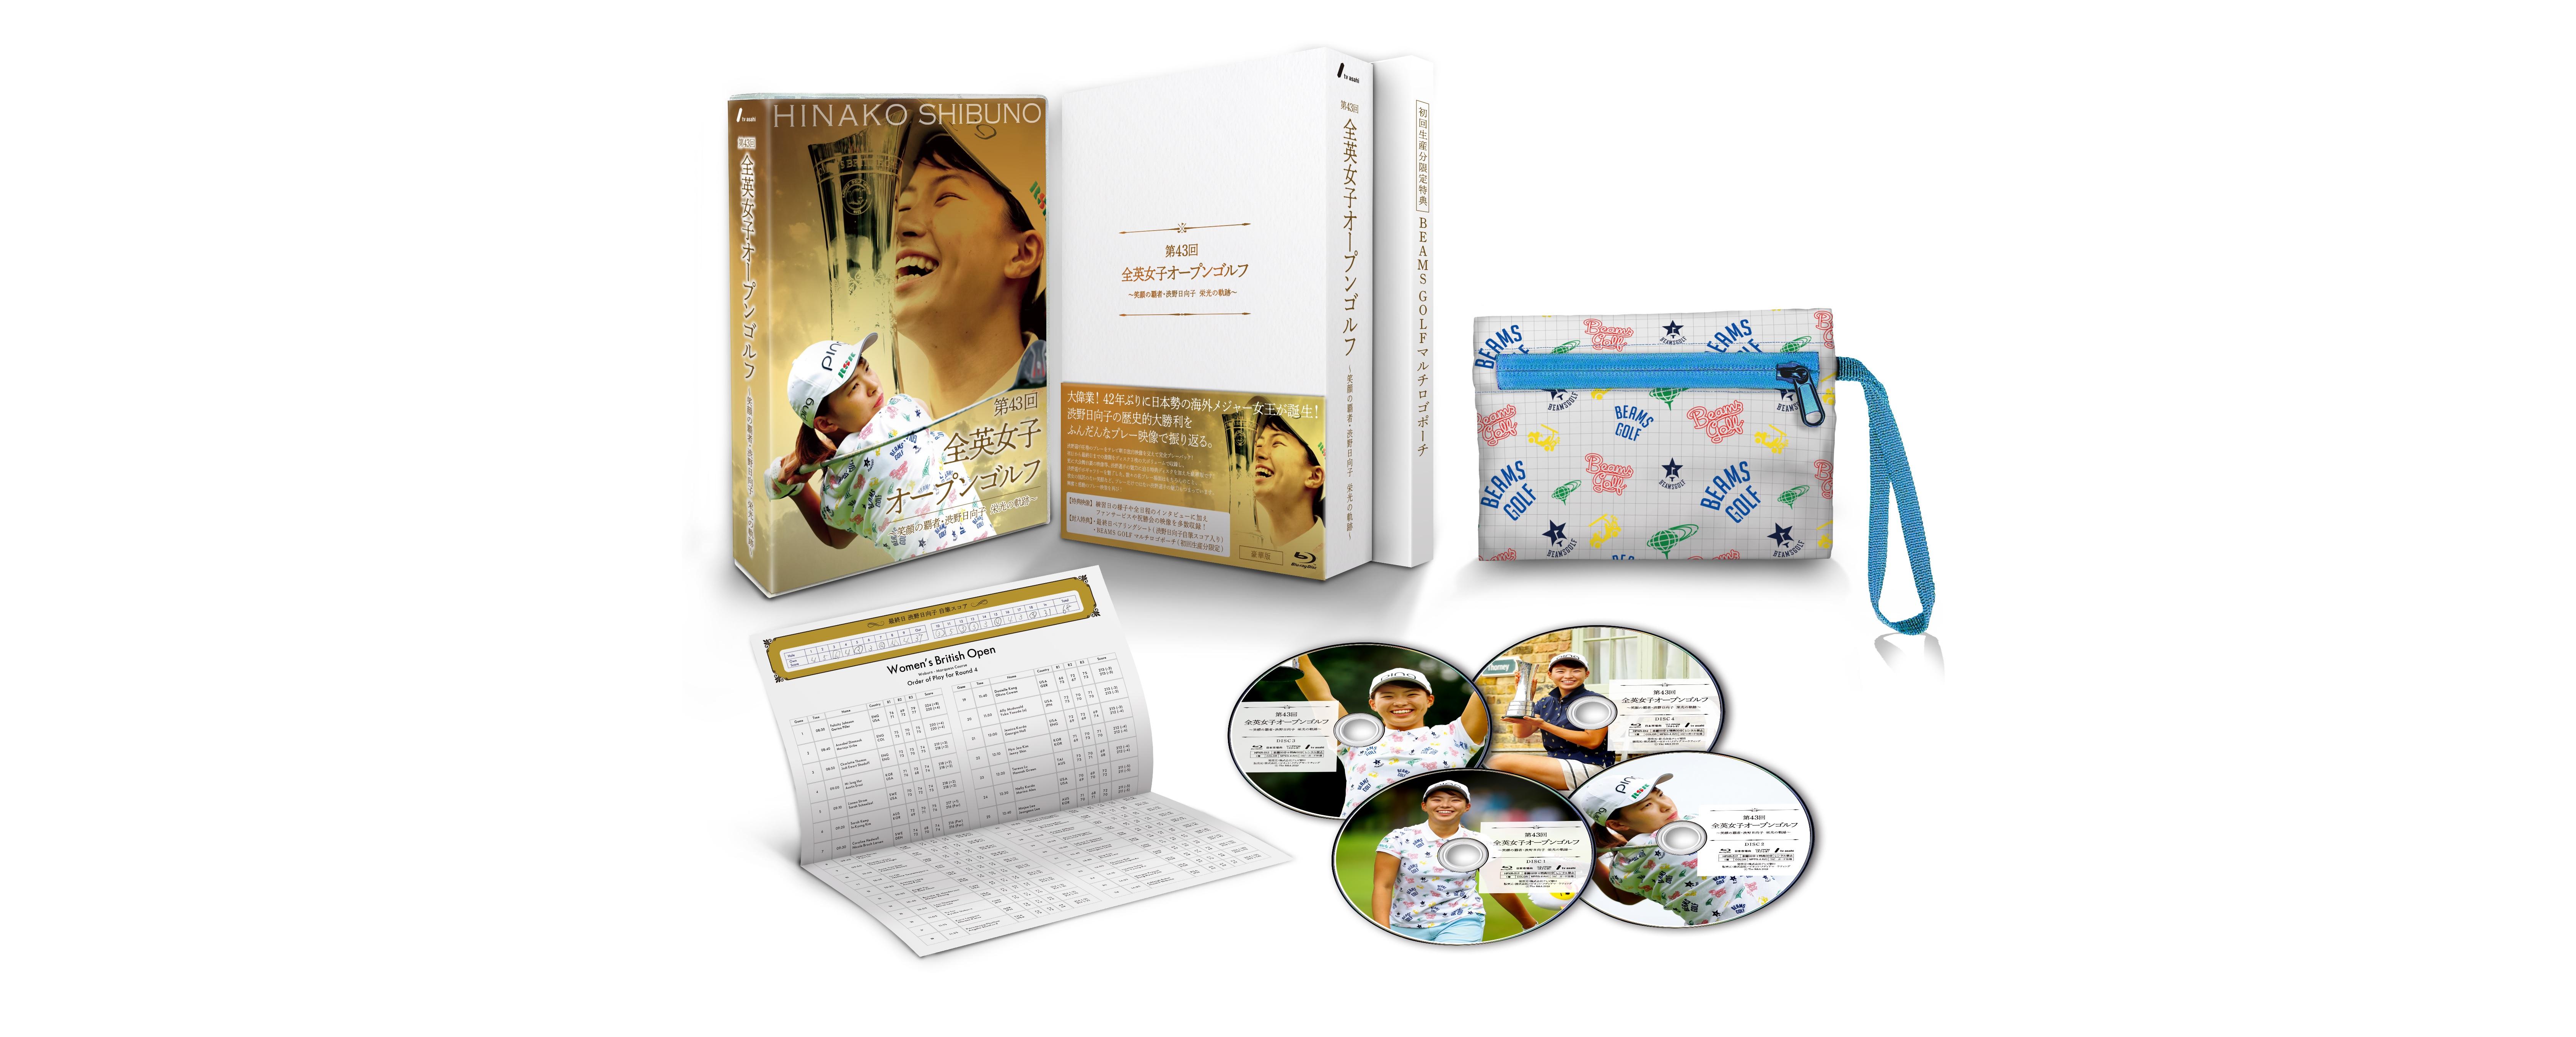 「第43回全英女子オープンゴルフ ~笑顔の覇者・渋野日向子 栄光の軌跡~」3月3日発売決定!